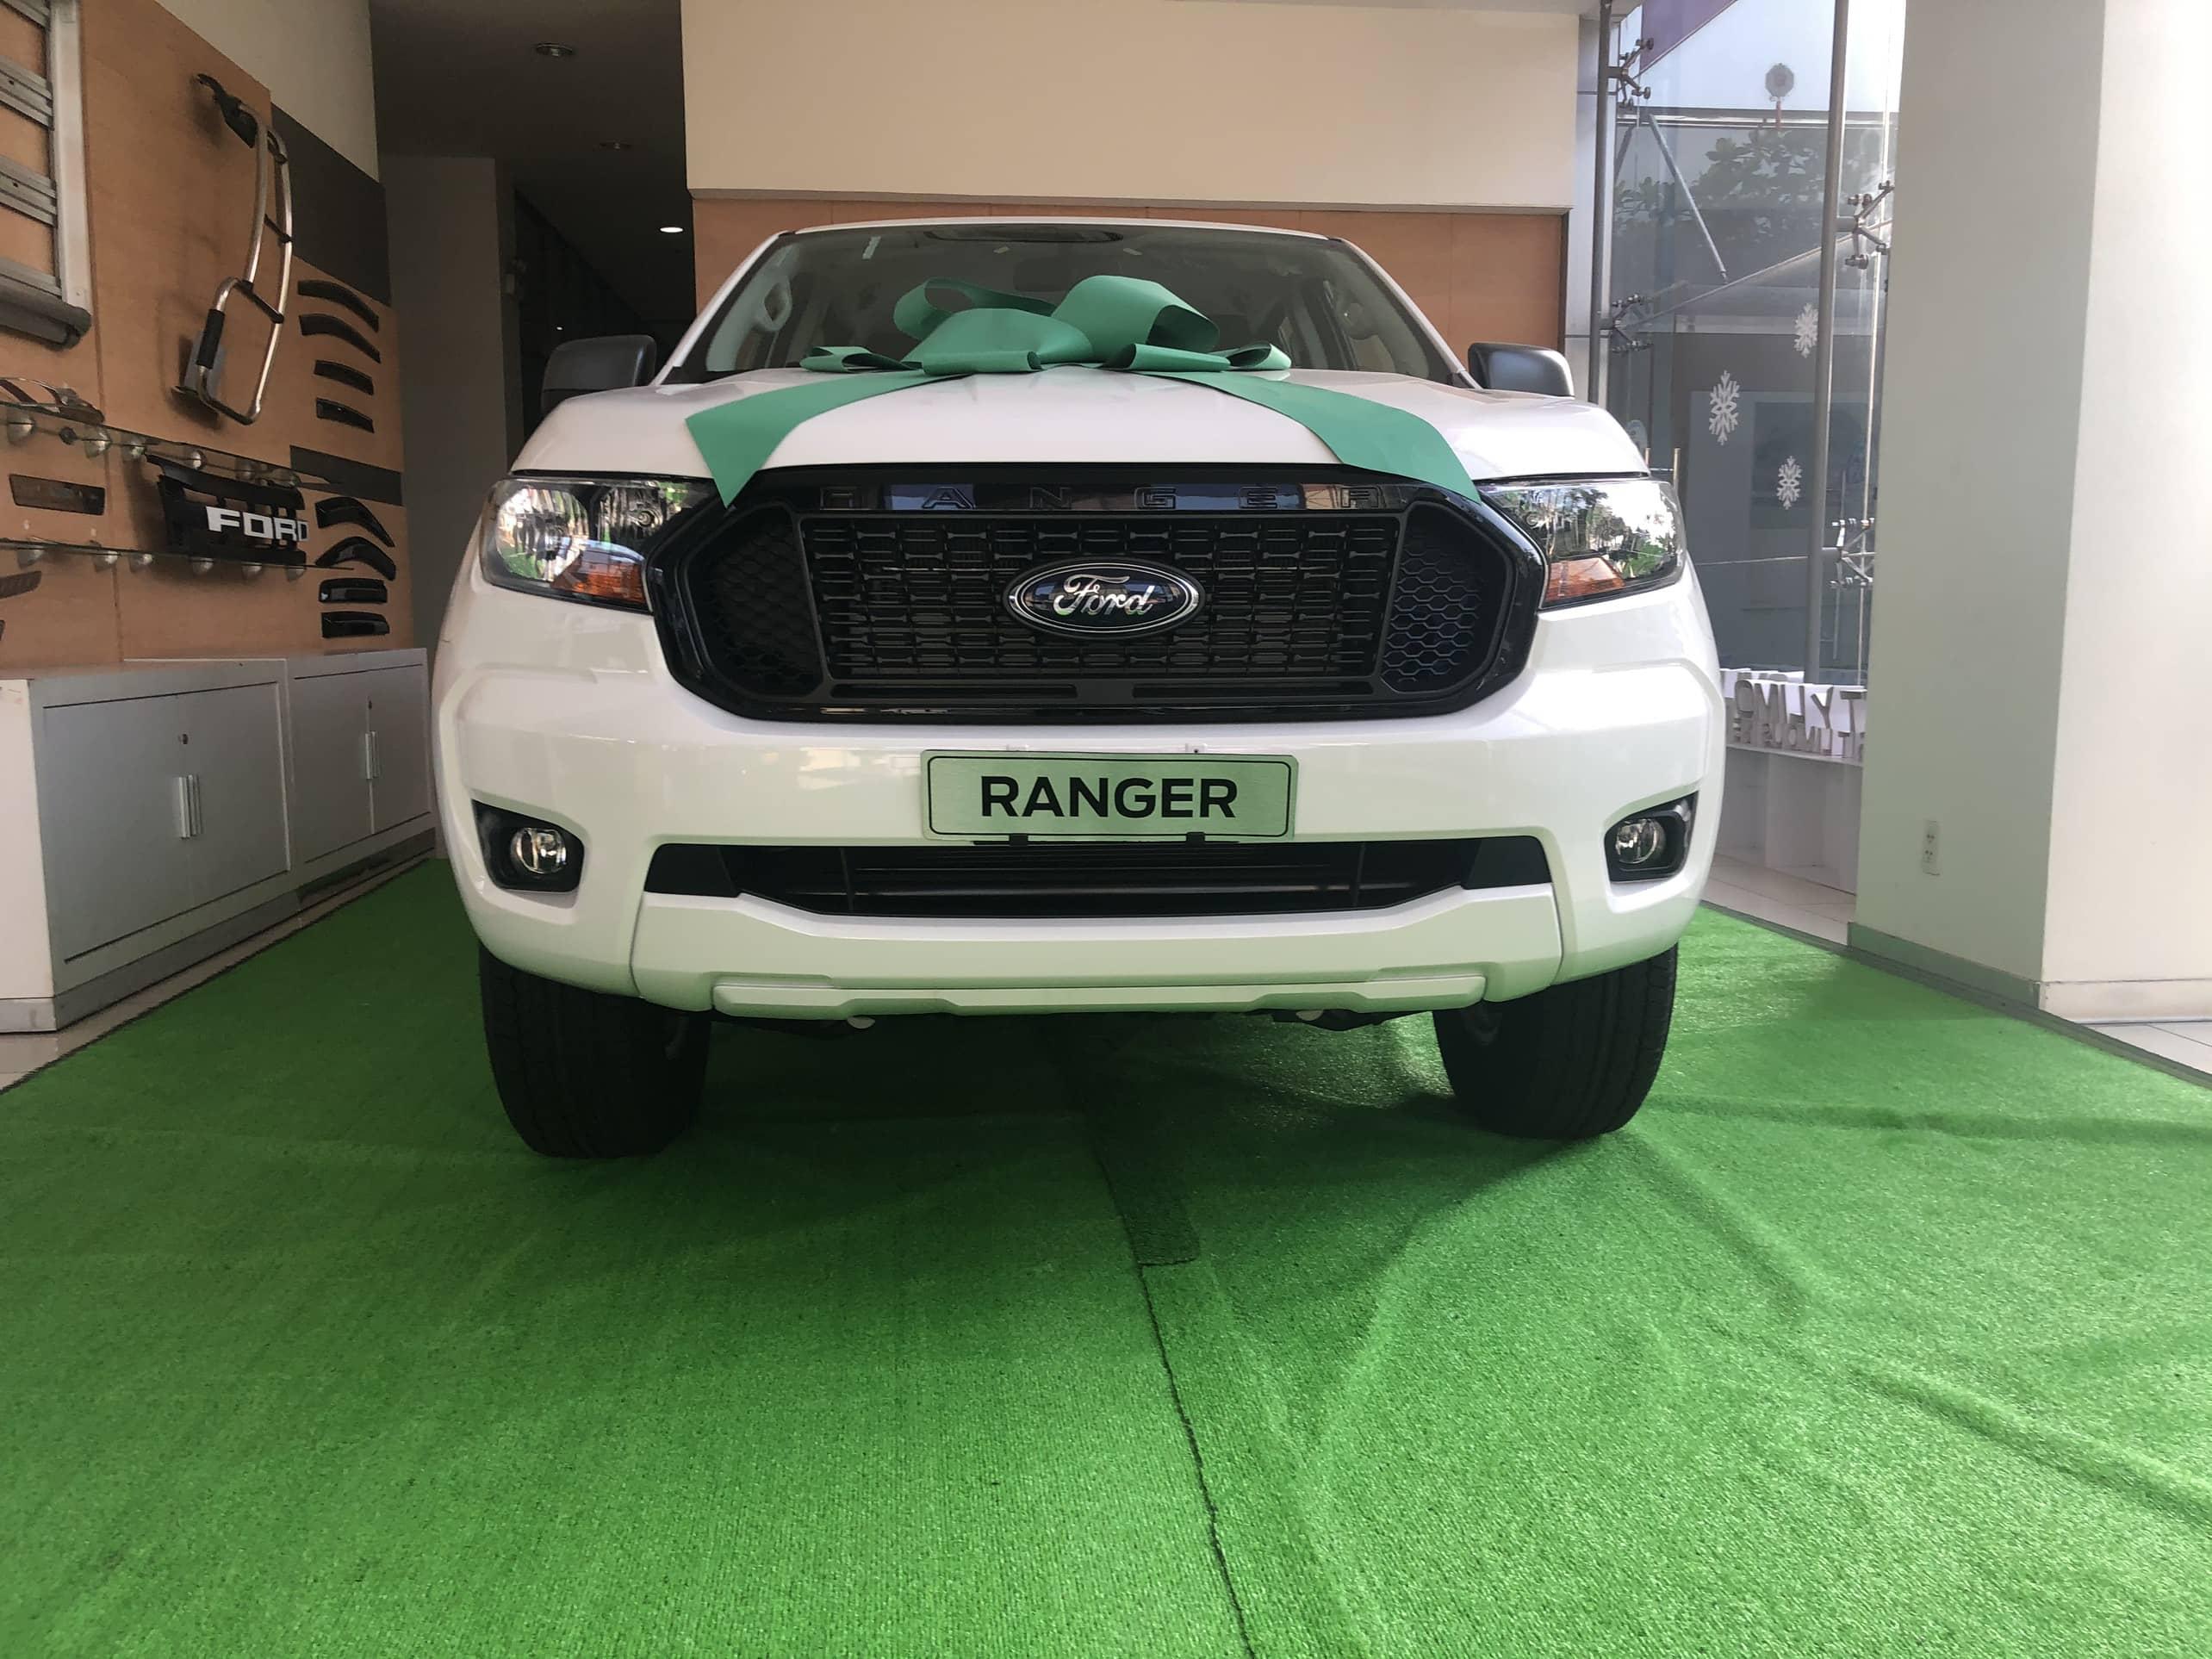 Ford Ranger 2021 Lắp Ráp Việt  Nam đạt chuẩn toàn cầu trong tháng 06.2021